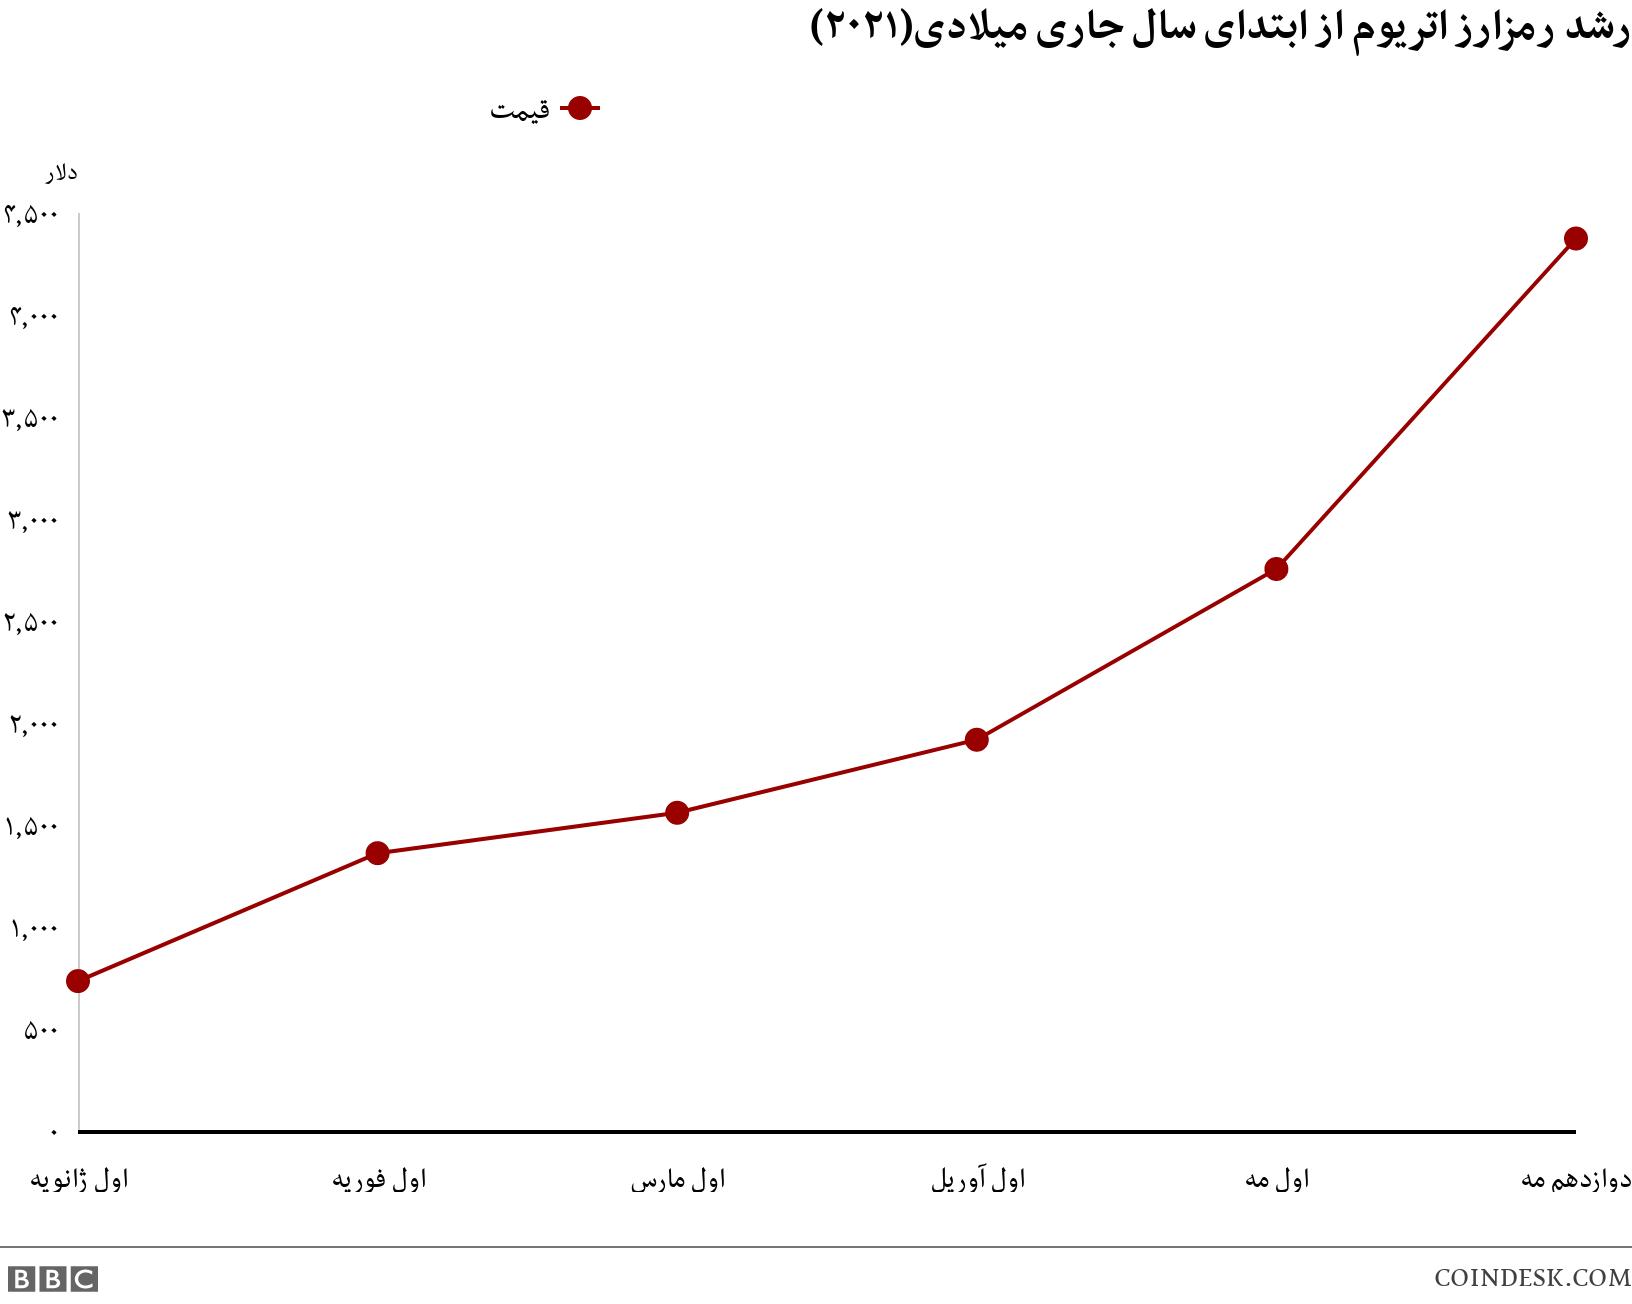 رشد رمزارز اتریوم از ابتدای سال جاری میلادی(۲۰۲۱). . .